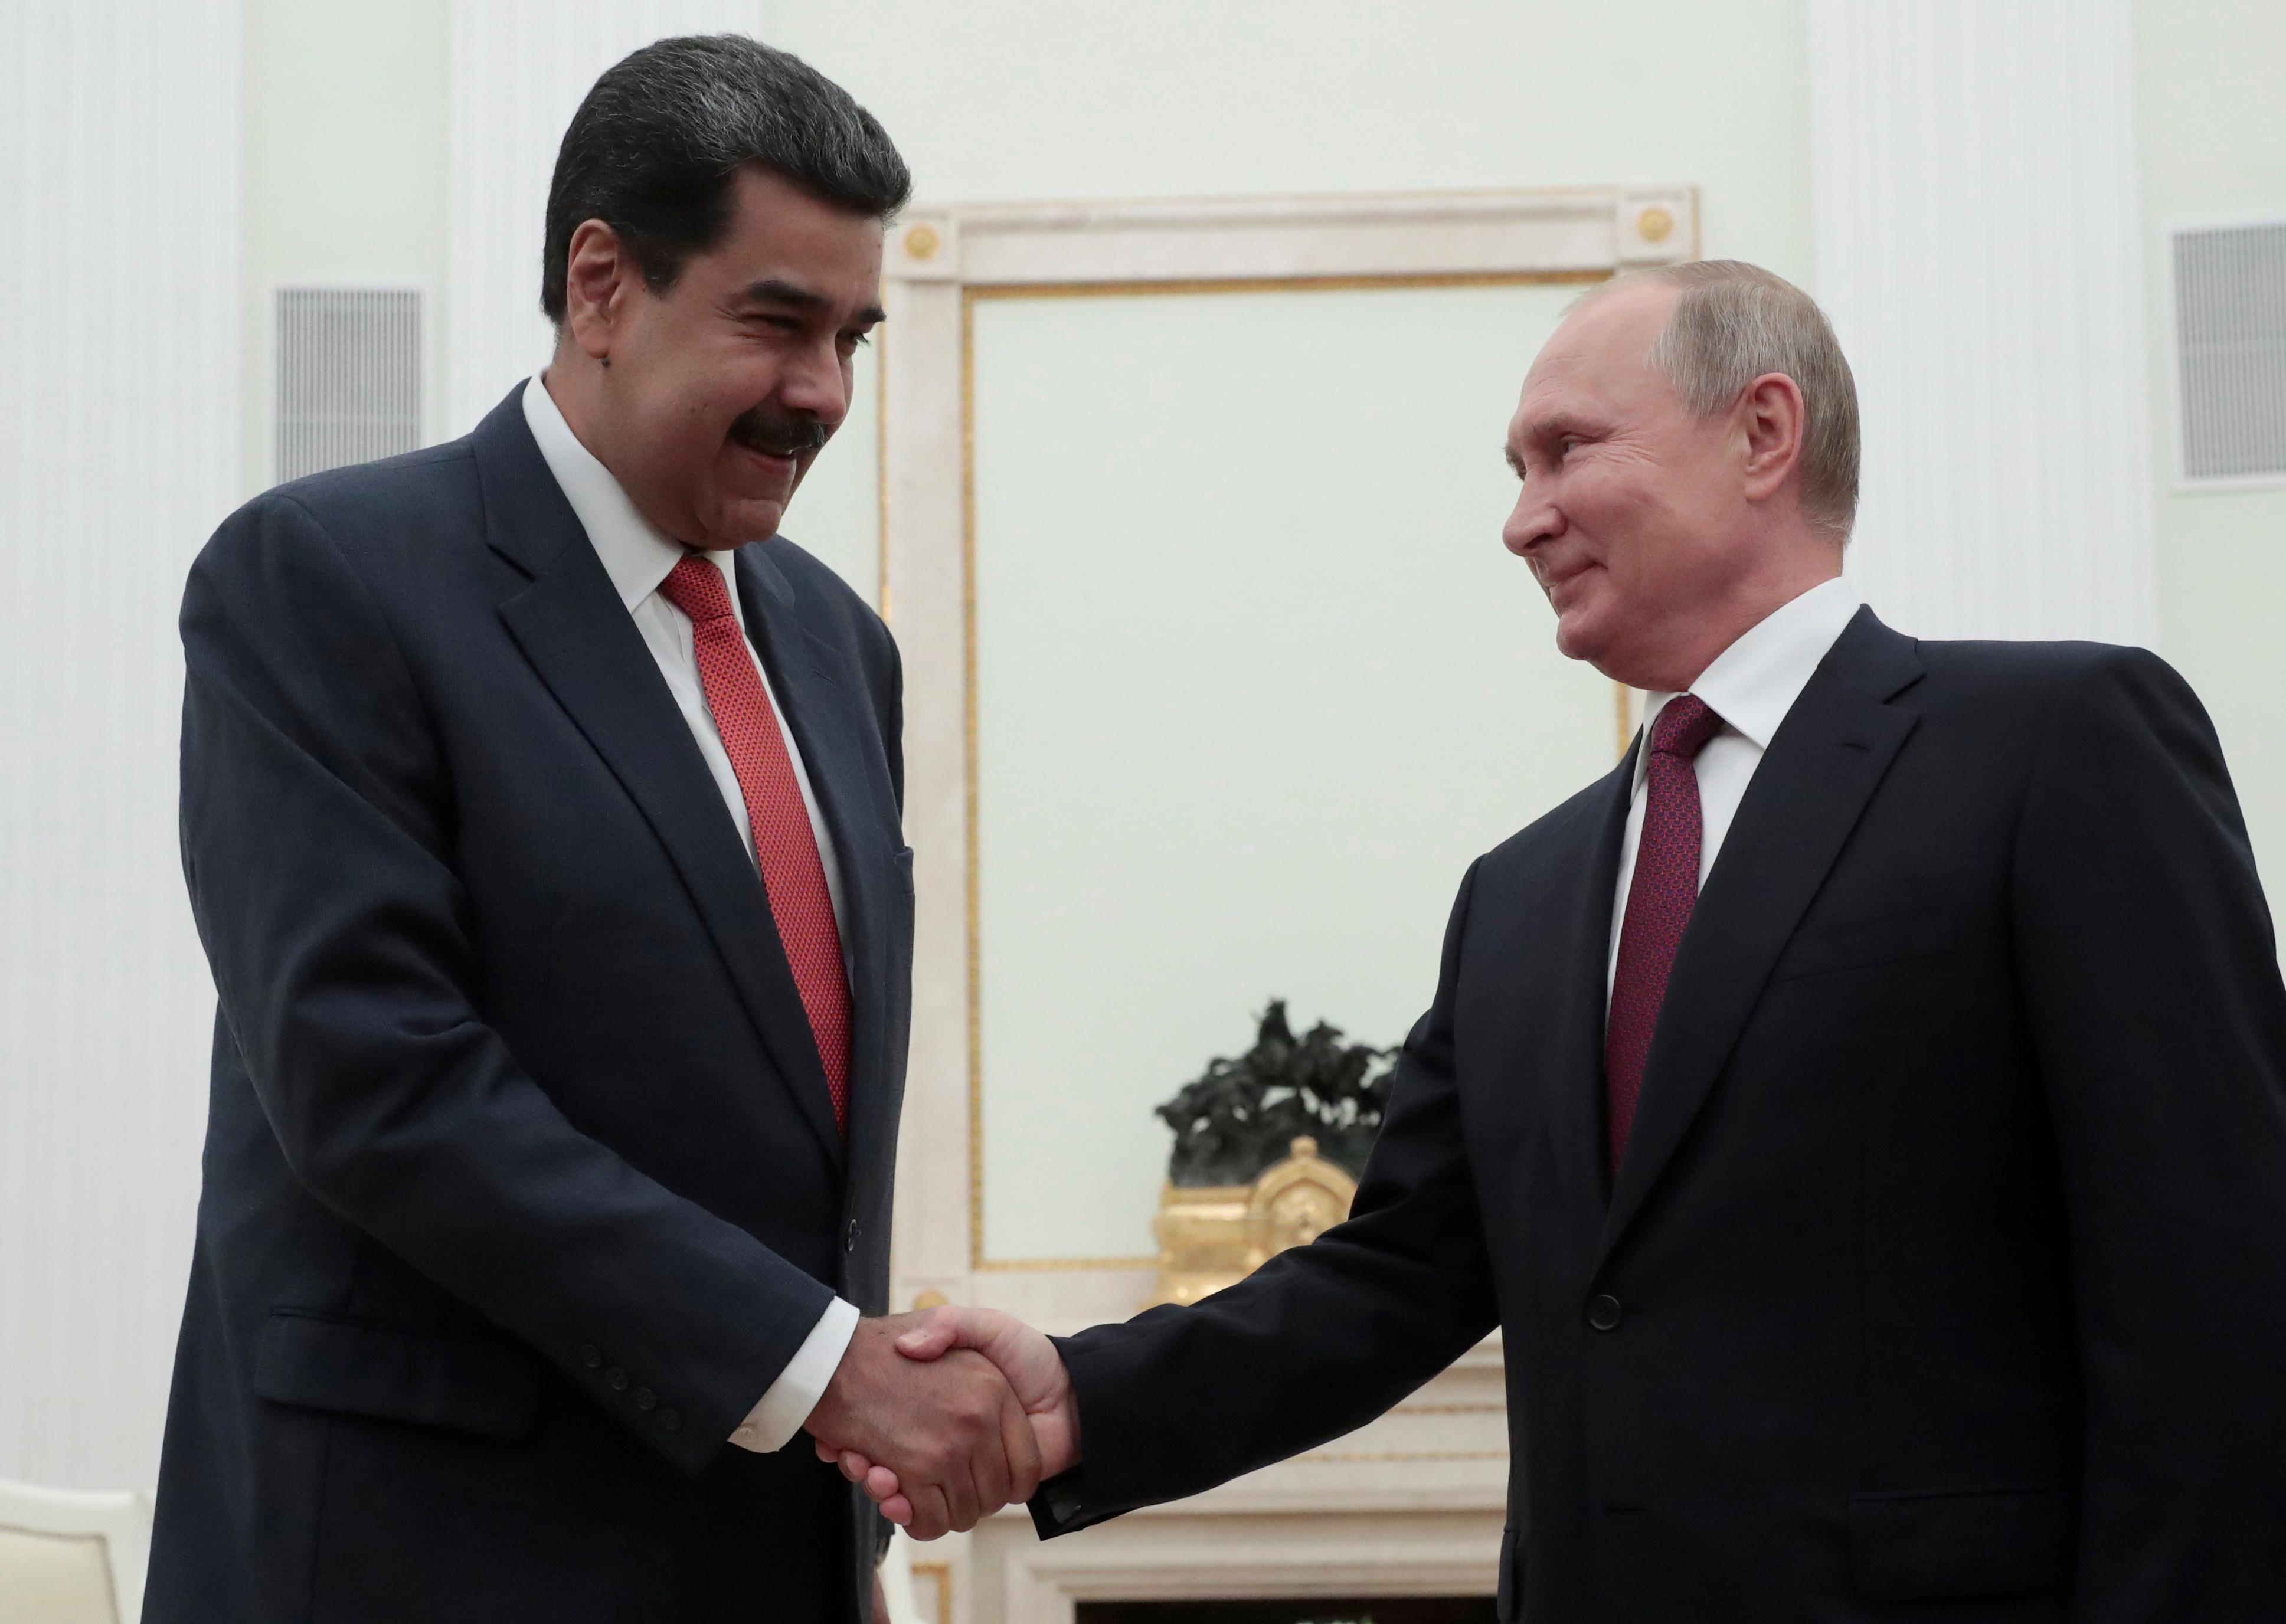 Ο Πούτιν στηρίζει Μαδούρο και στέλνει 600.000 τόνους σιτάρι στη Βενεζουέλα